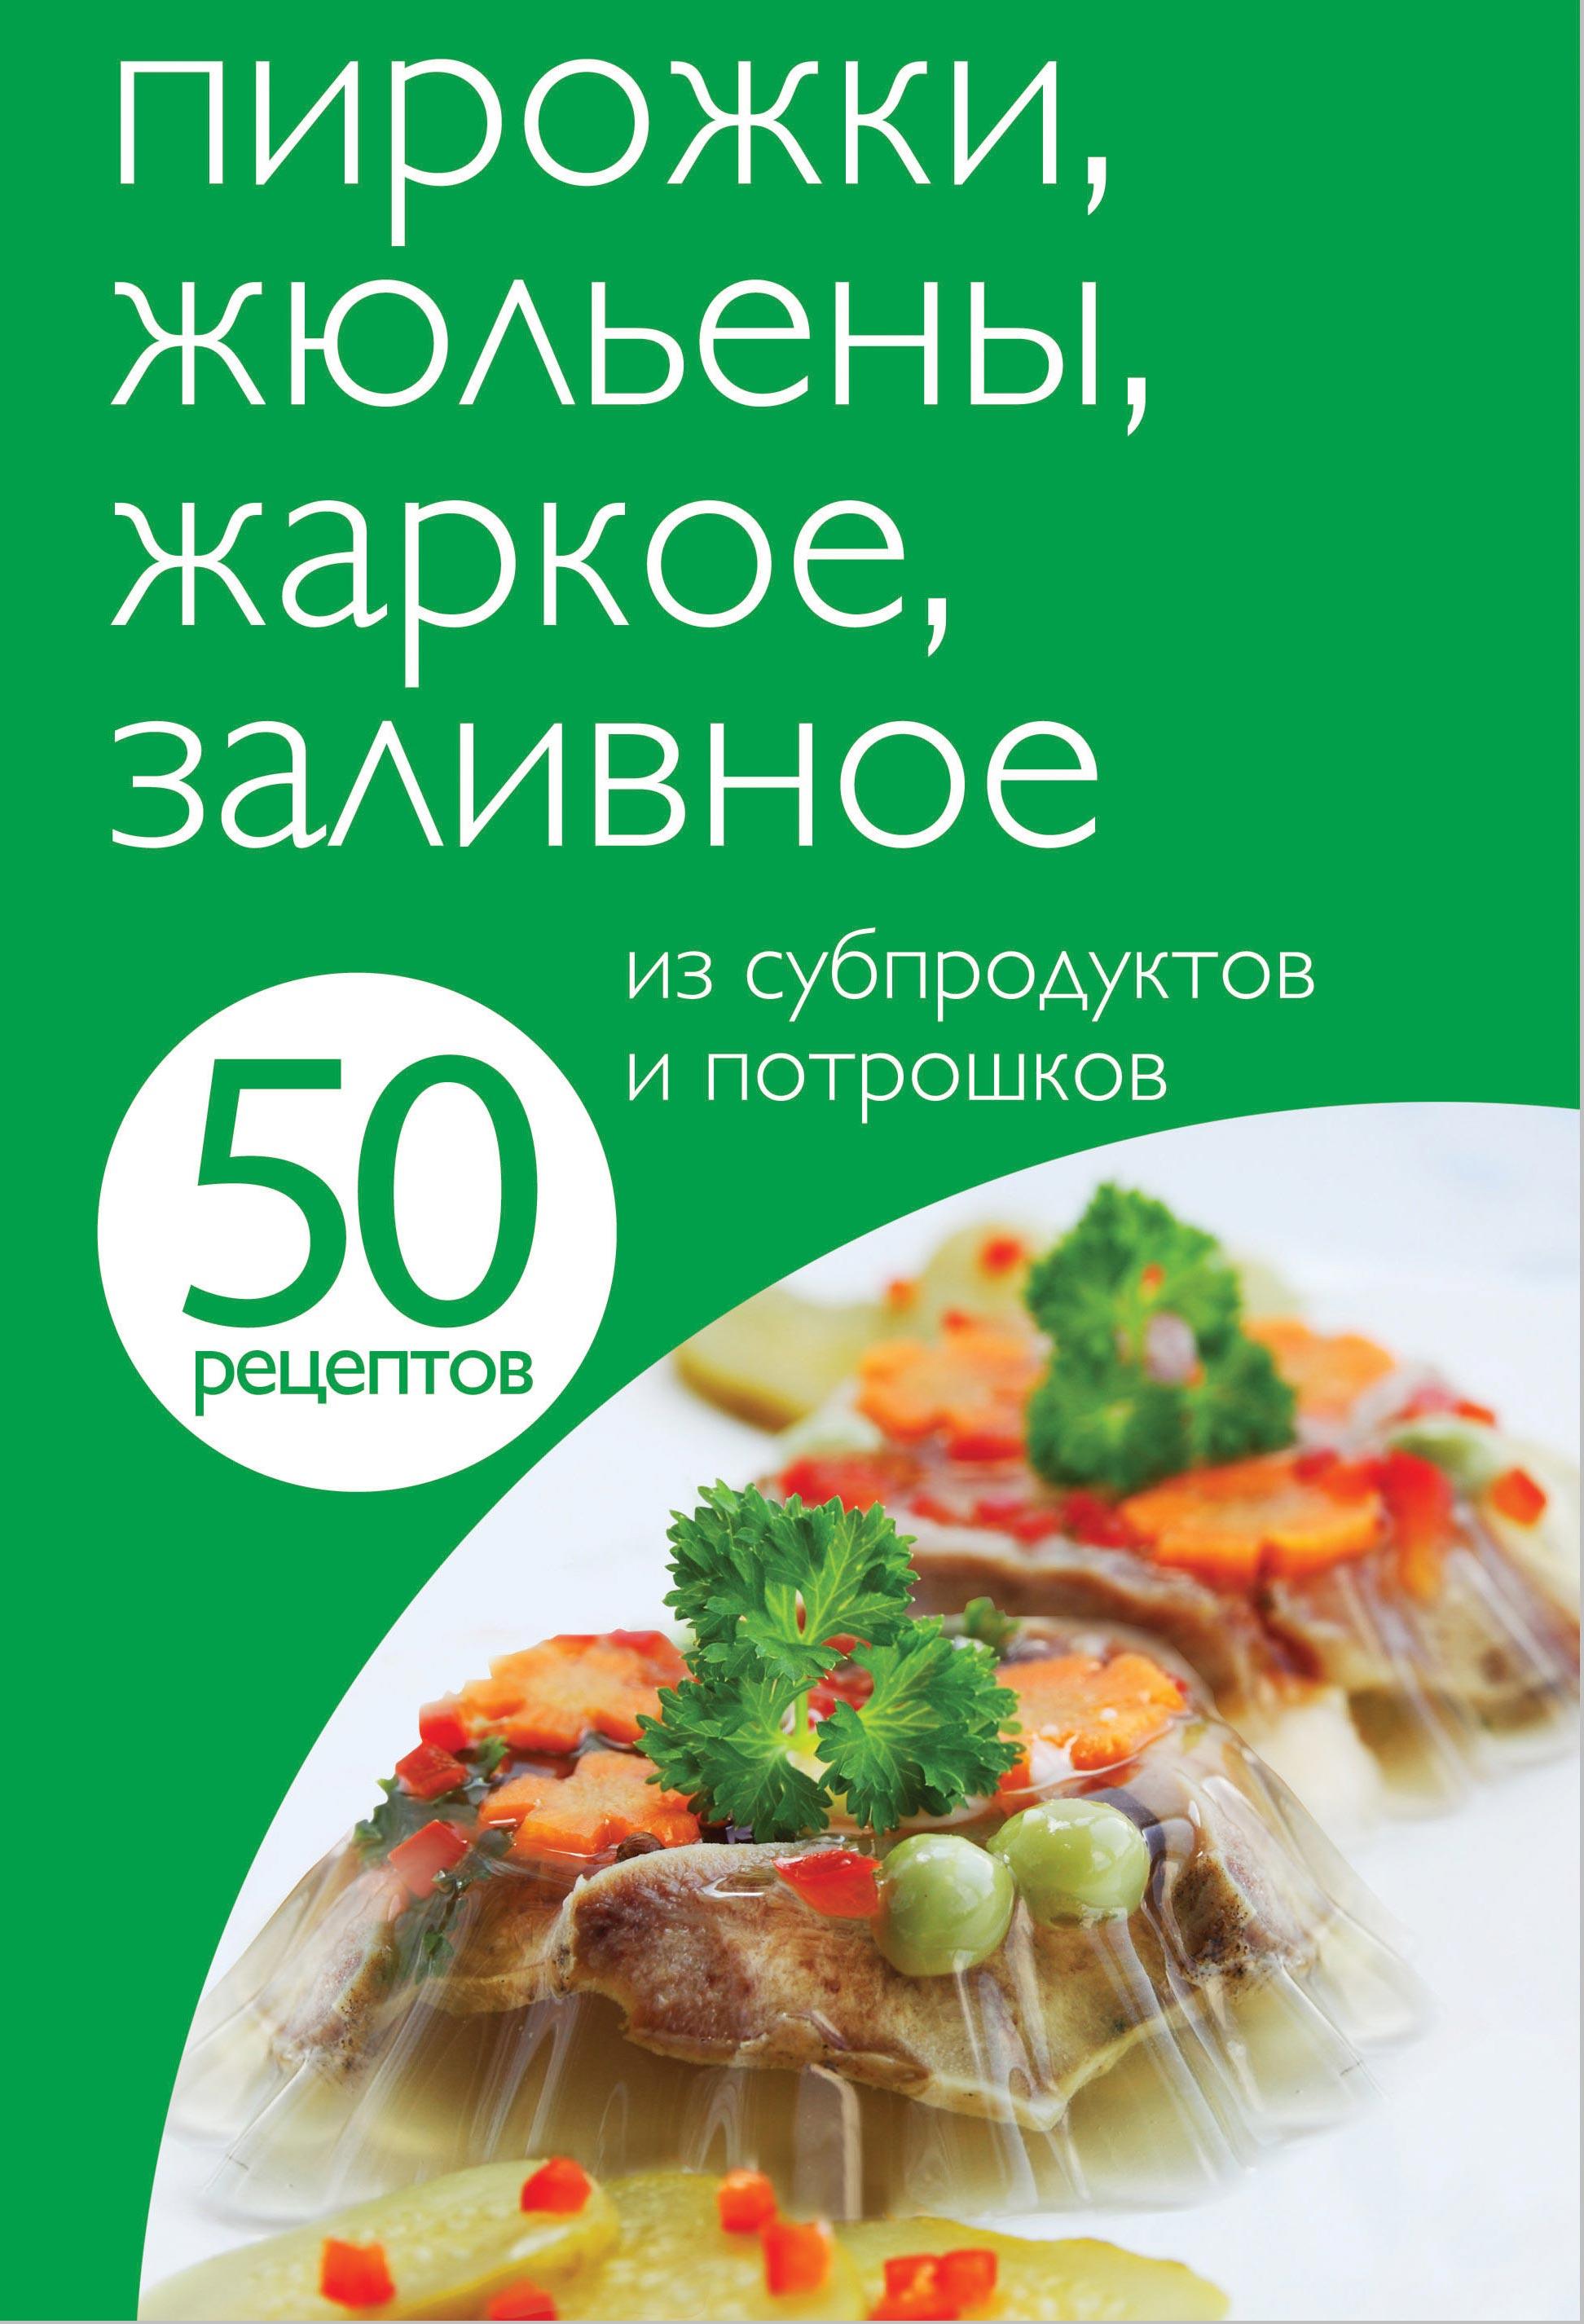 50 рецептов. Пирожки, жюльены, жаркое, заливное из субпродуктов и потрошков